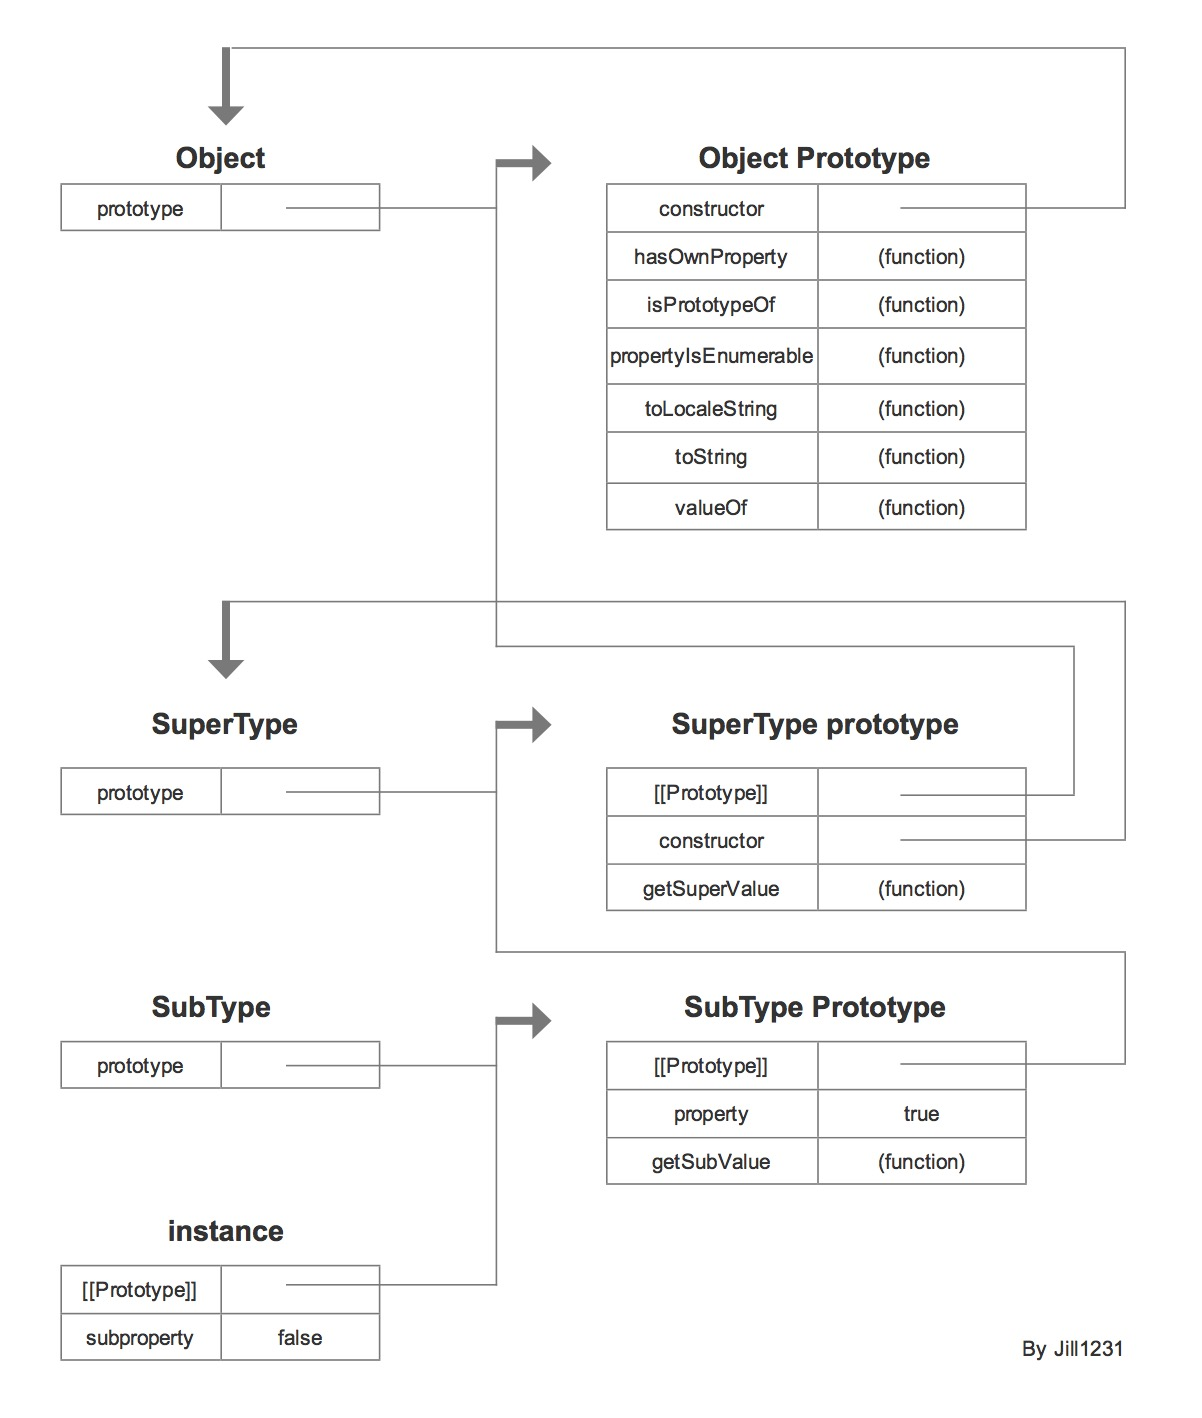 实例以及构造函数和原型之间的关系